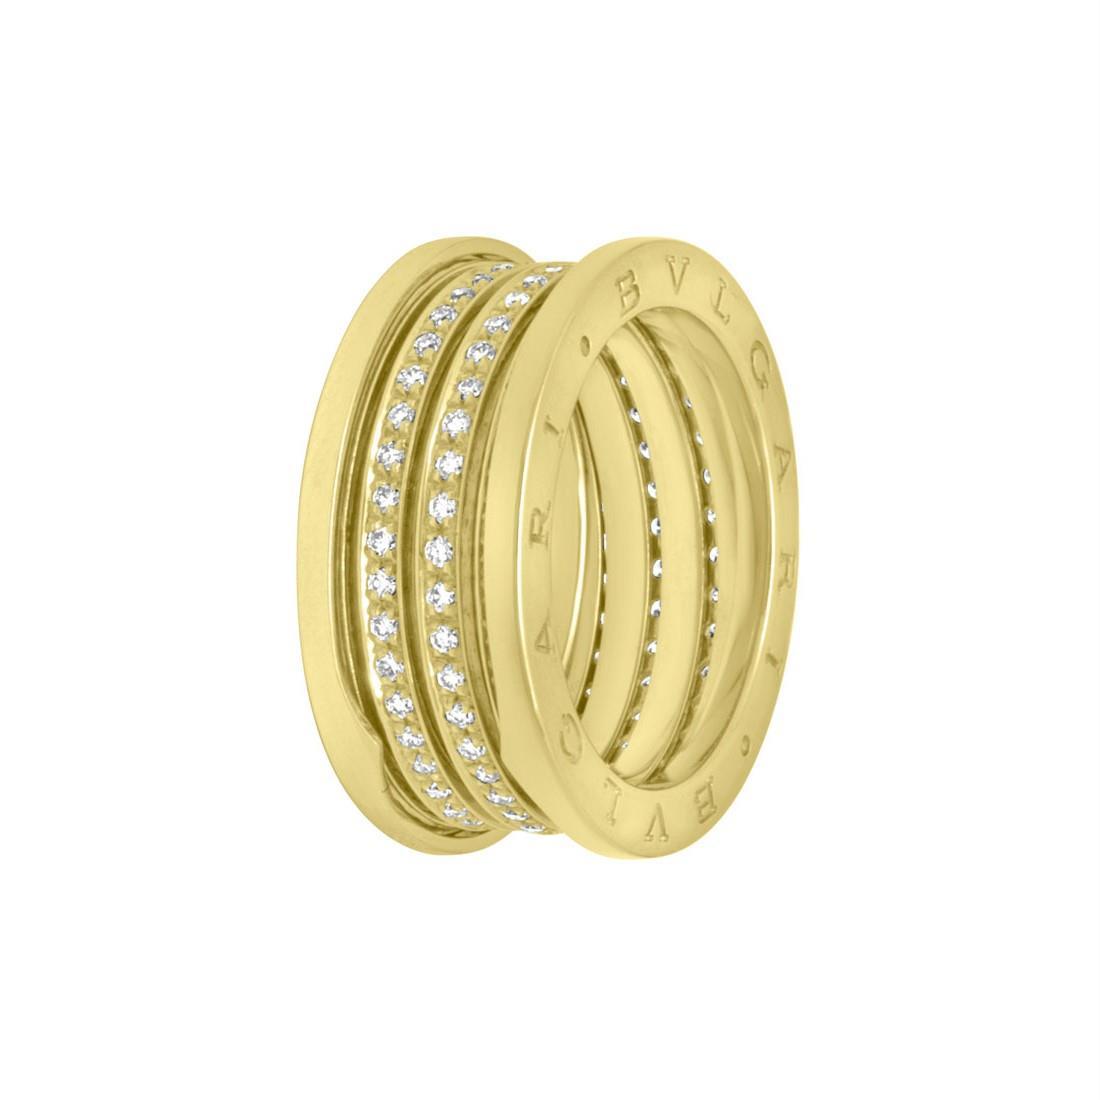 Anello a fascia in giallo con diamanti mis 23 - BULGARI